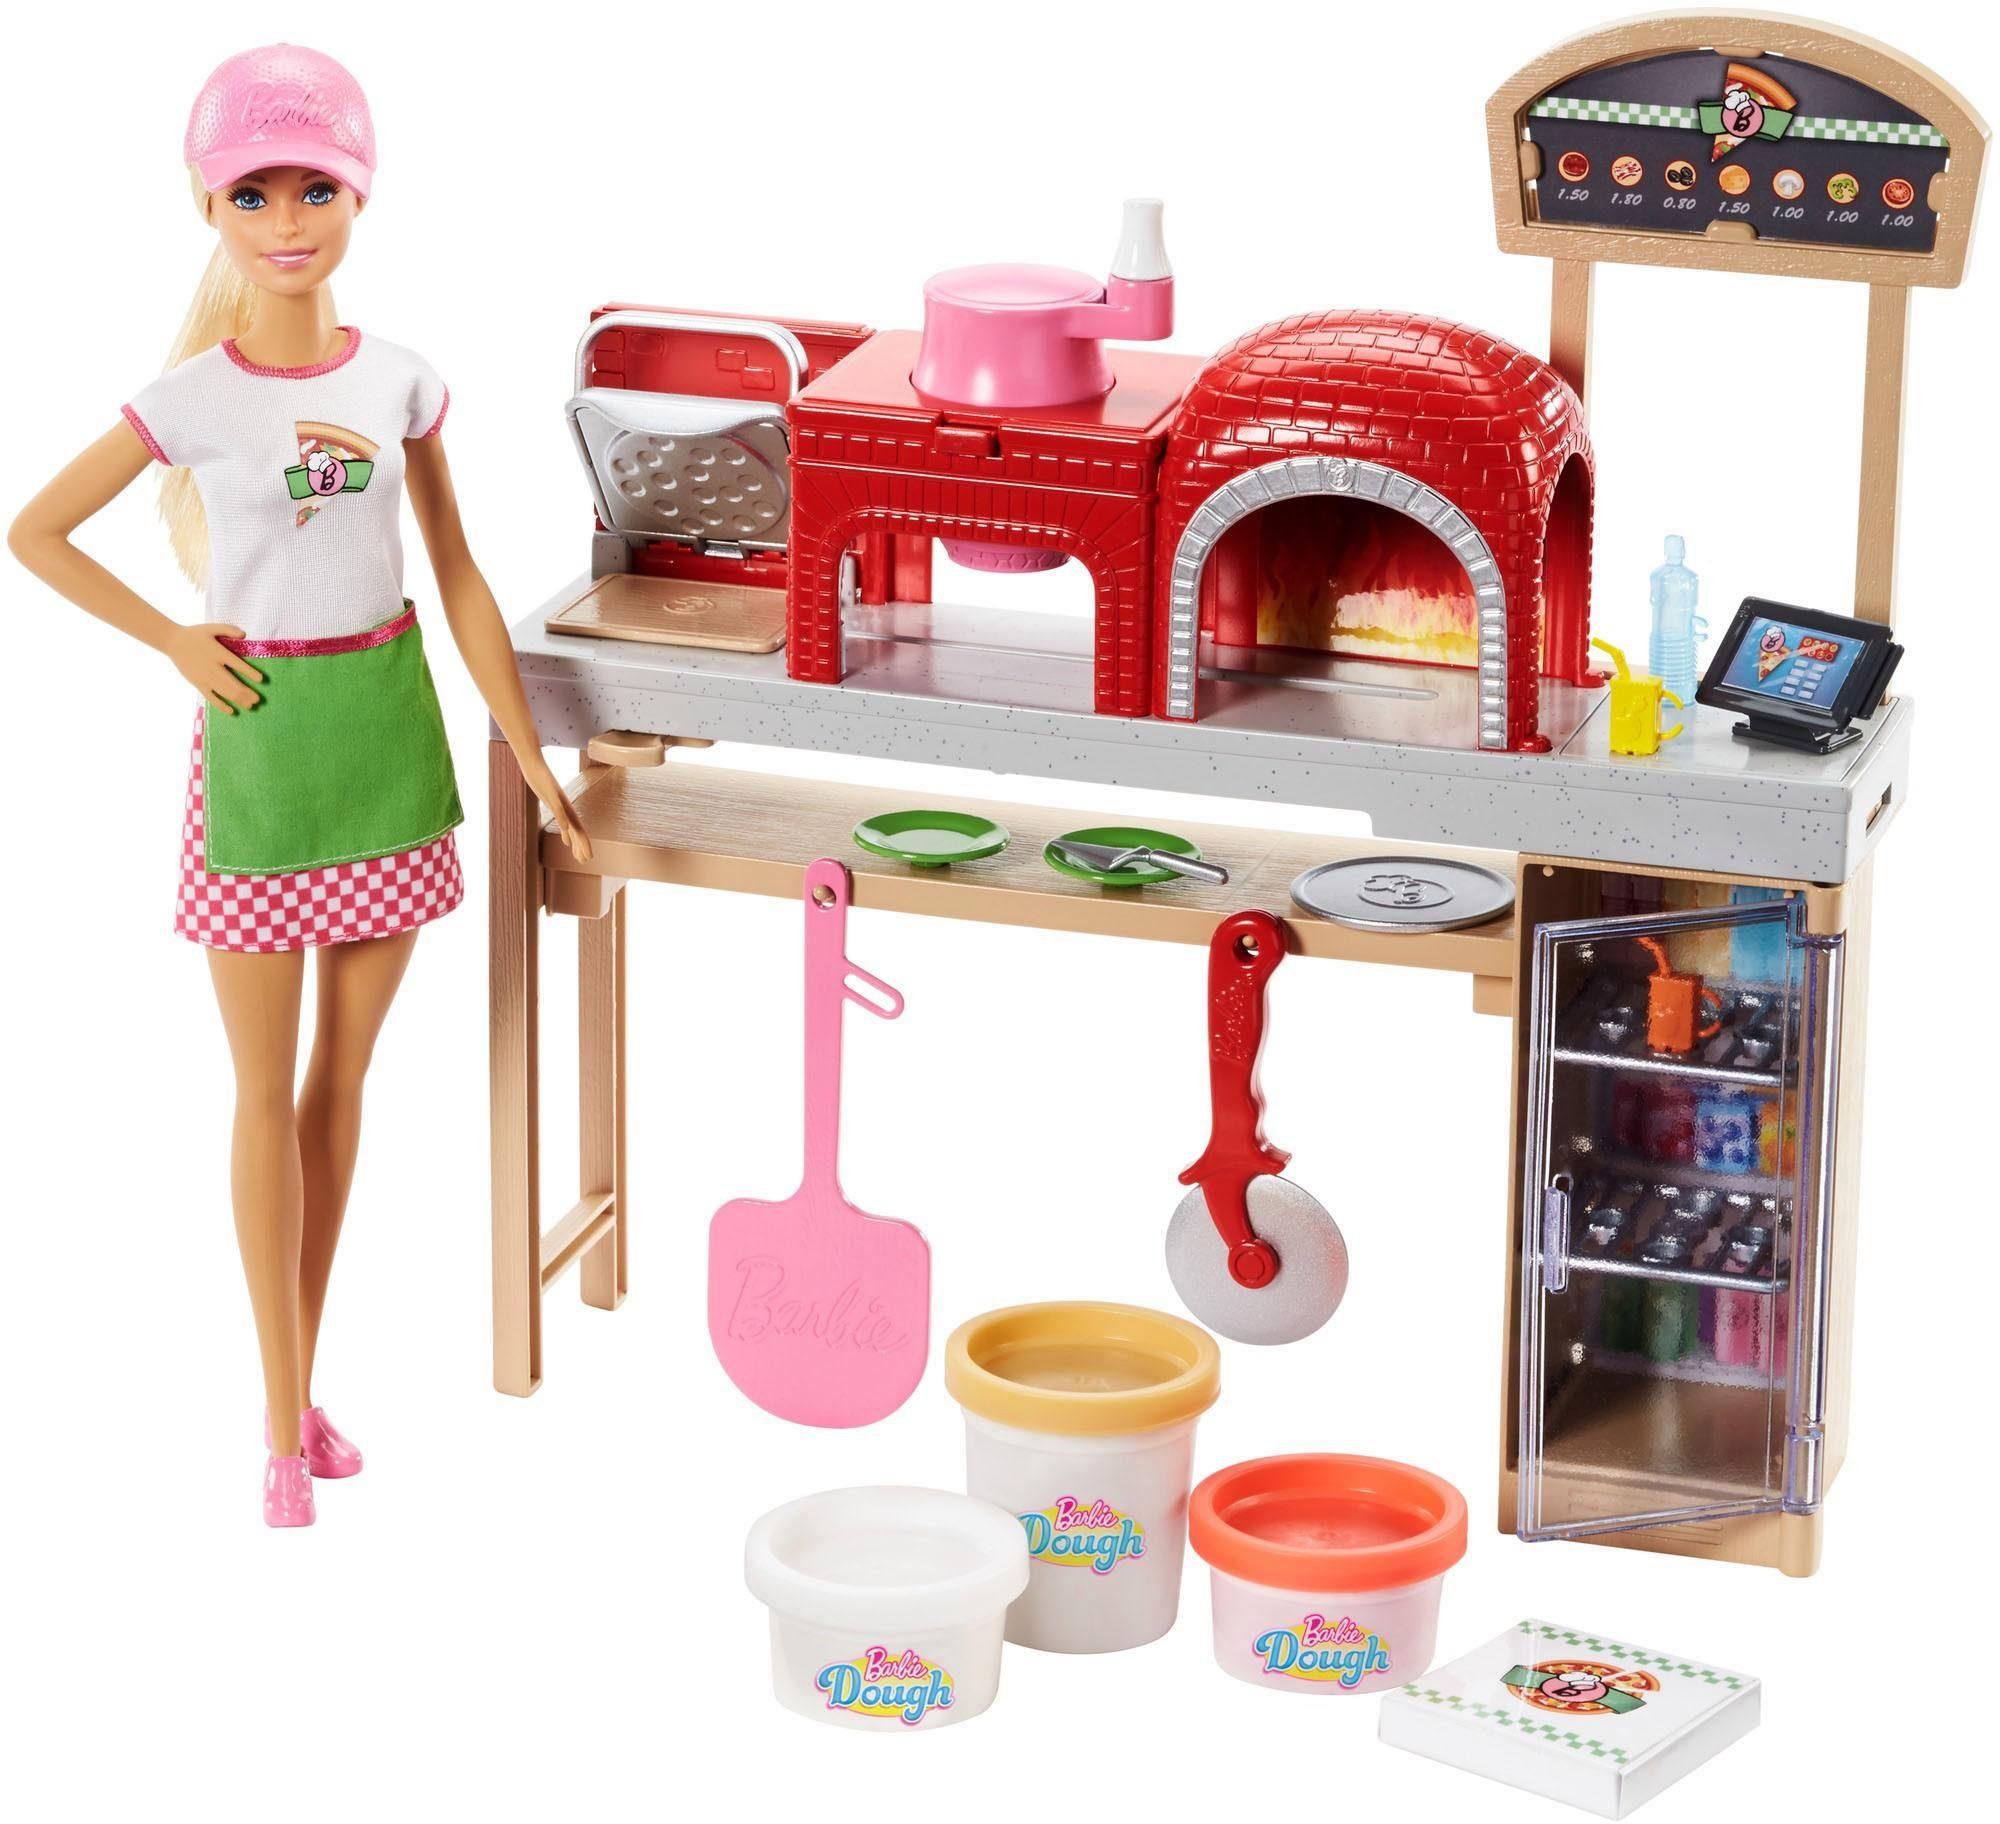 Mattel Puppe mit Spielset, »Barbie Cooking & Baking, Pizzabäckerin Puppe & Spielset«